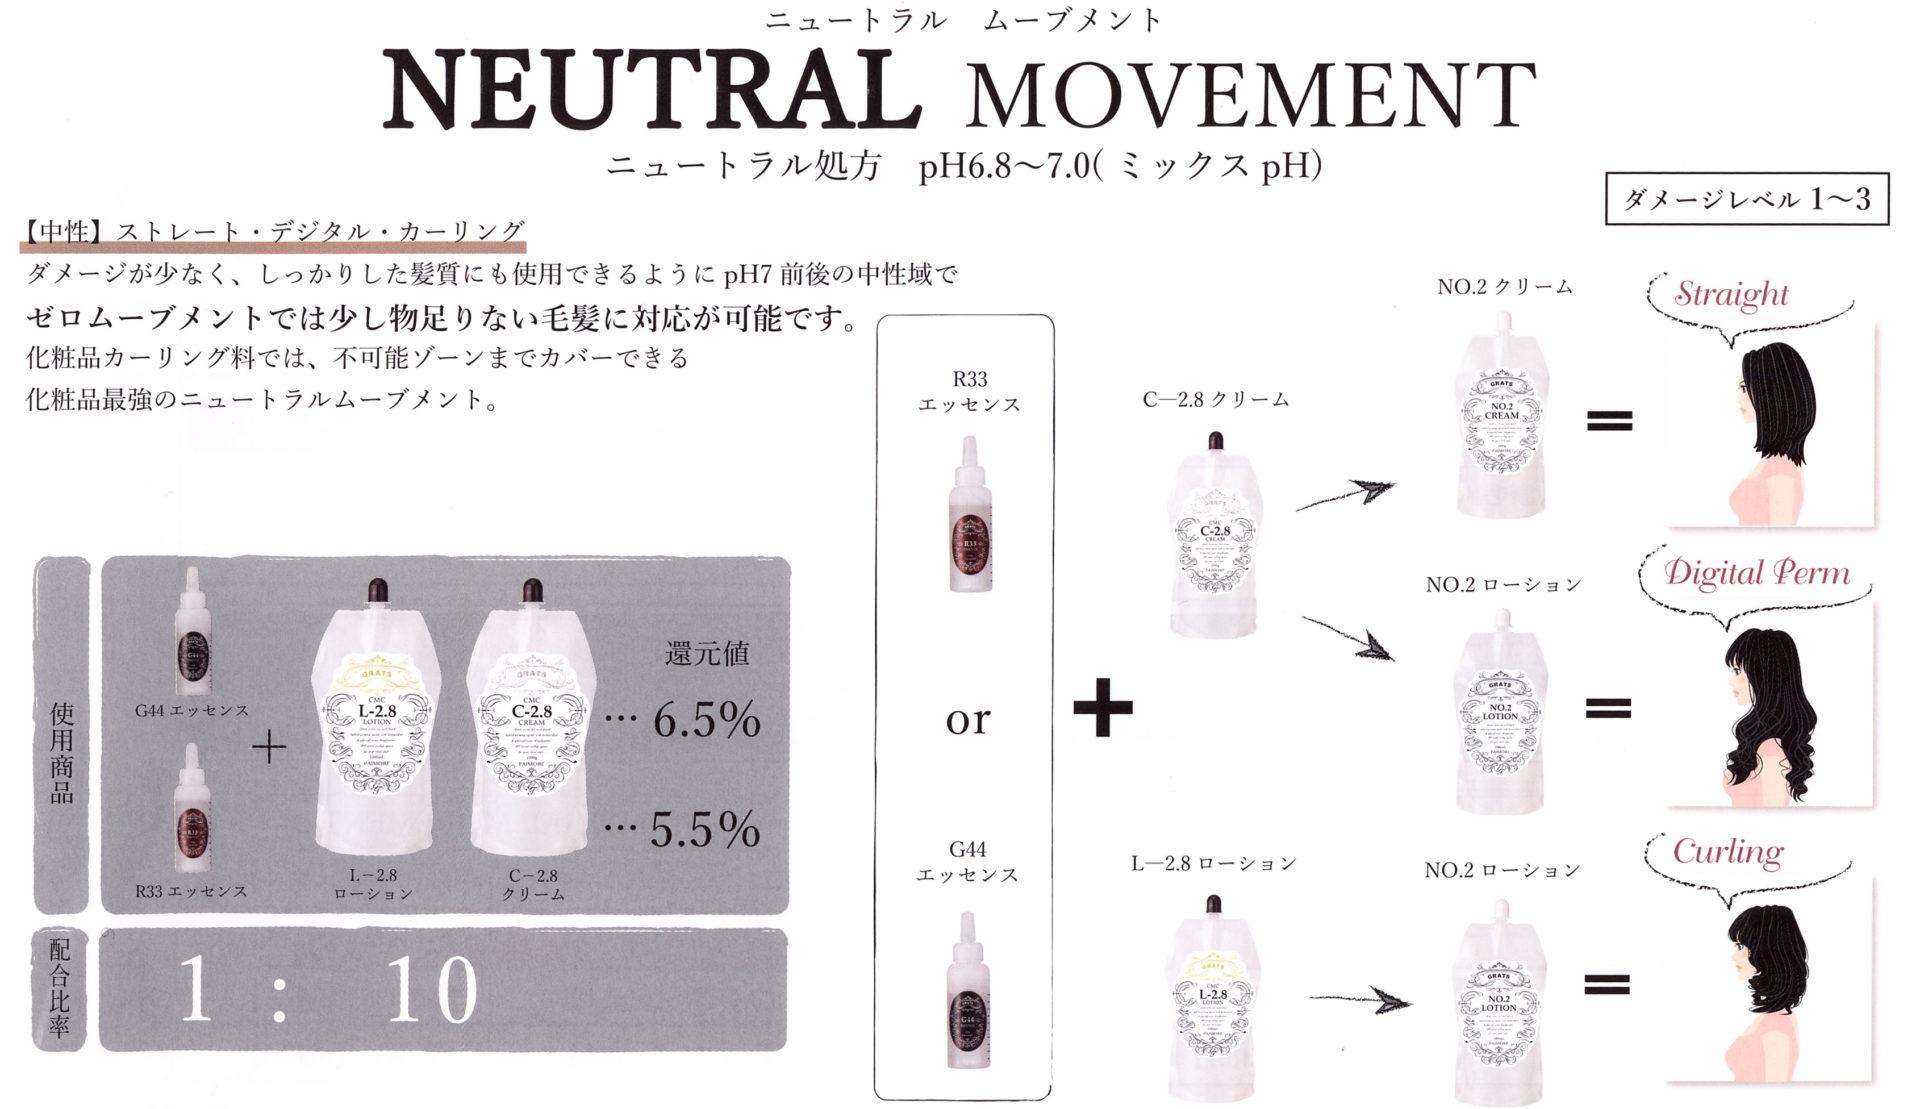 grats neural